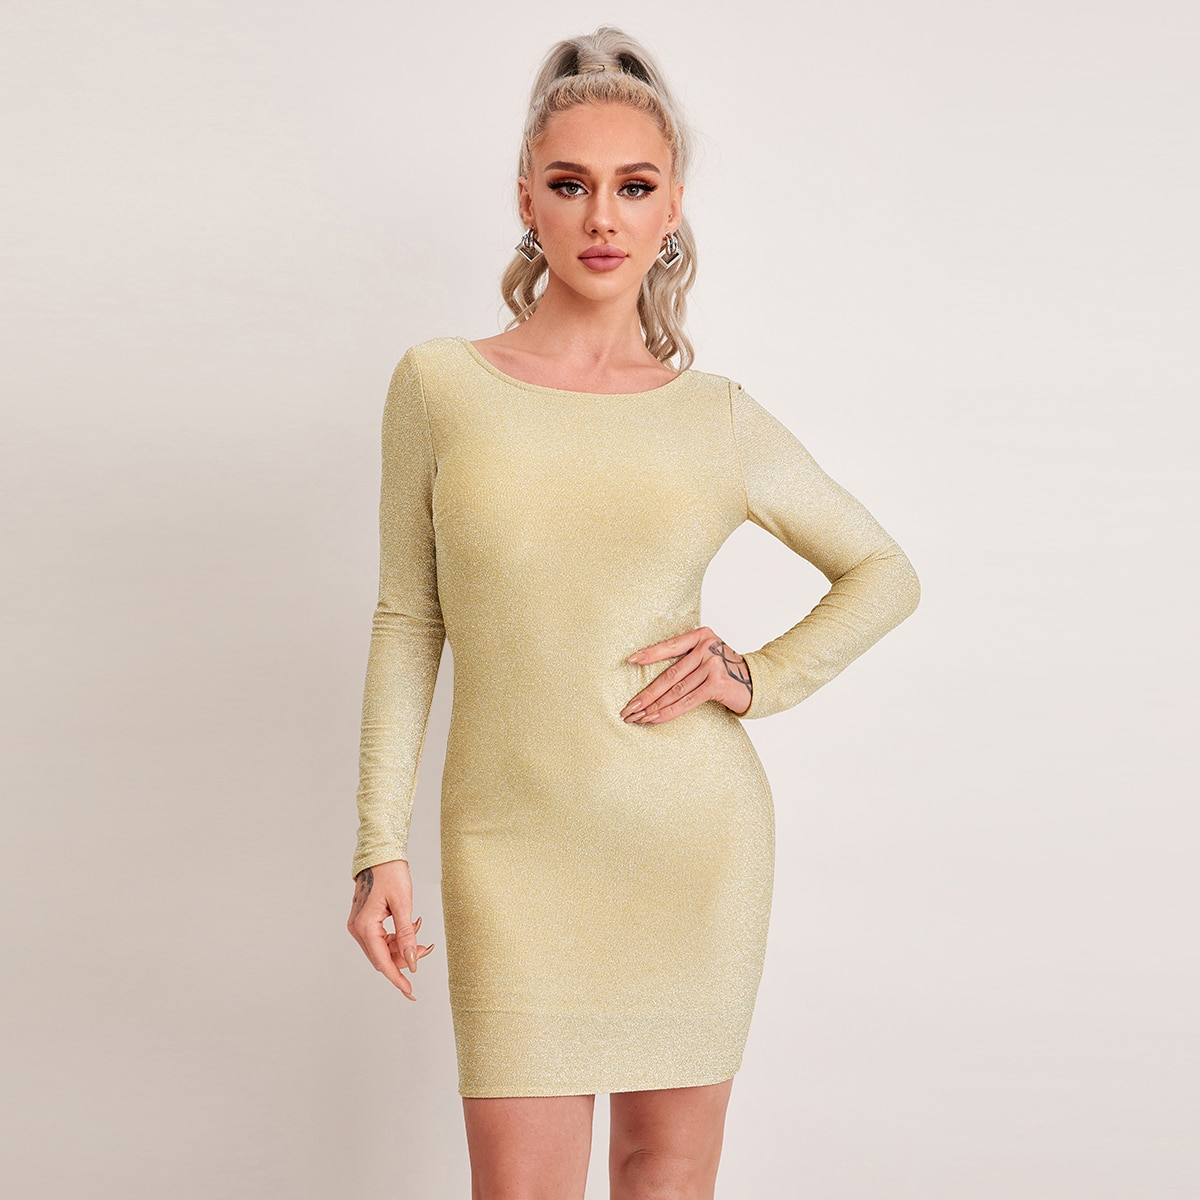 Блестящее облегающее платье с открытой спиной